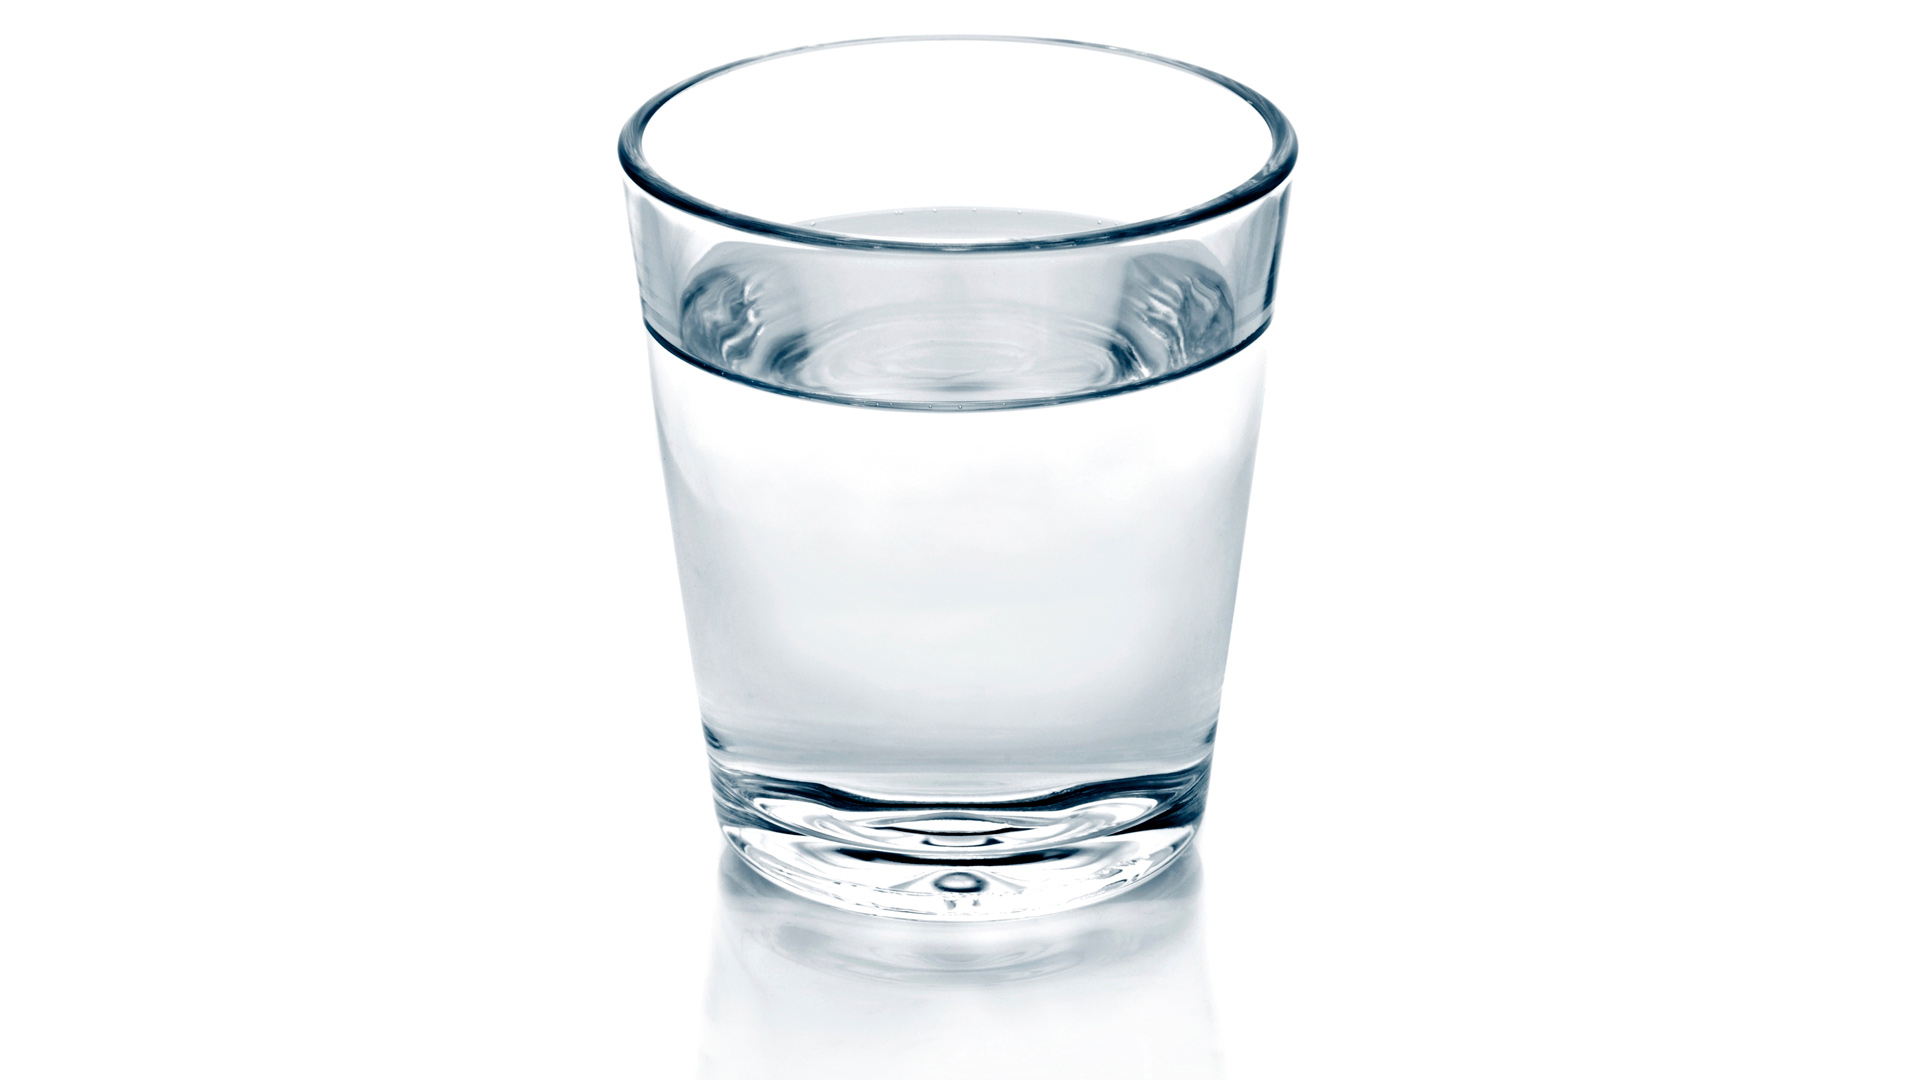 Hieronnan jälkeen kannattaa juoda vettä, jotta kuona-aineet lähtevät liikkeelle. Minna tervamäki suosii hanavettä, joskus maistuu kookosvesikin.